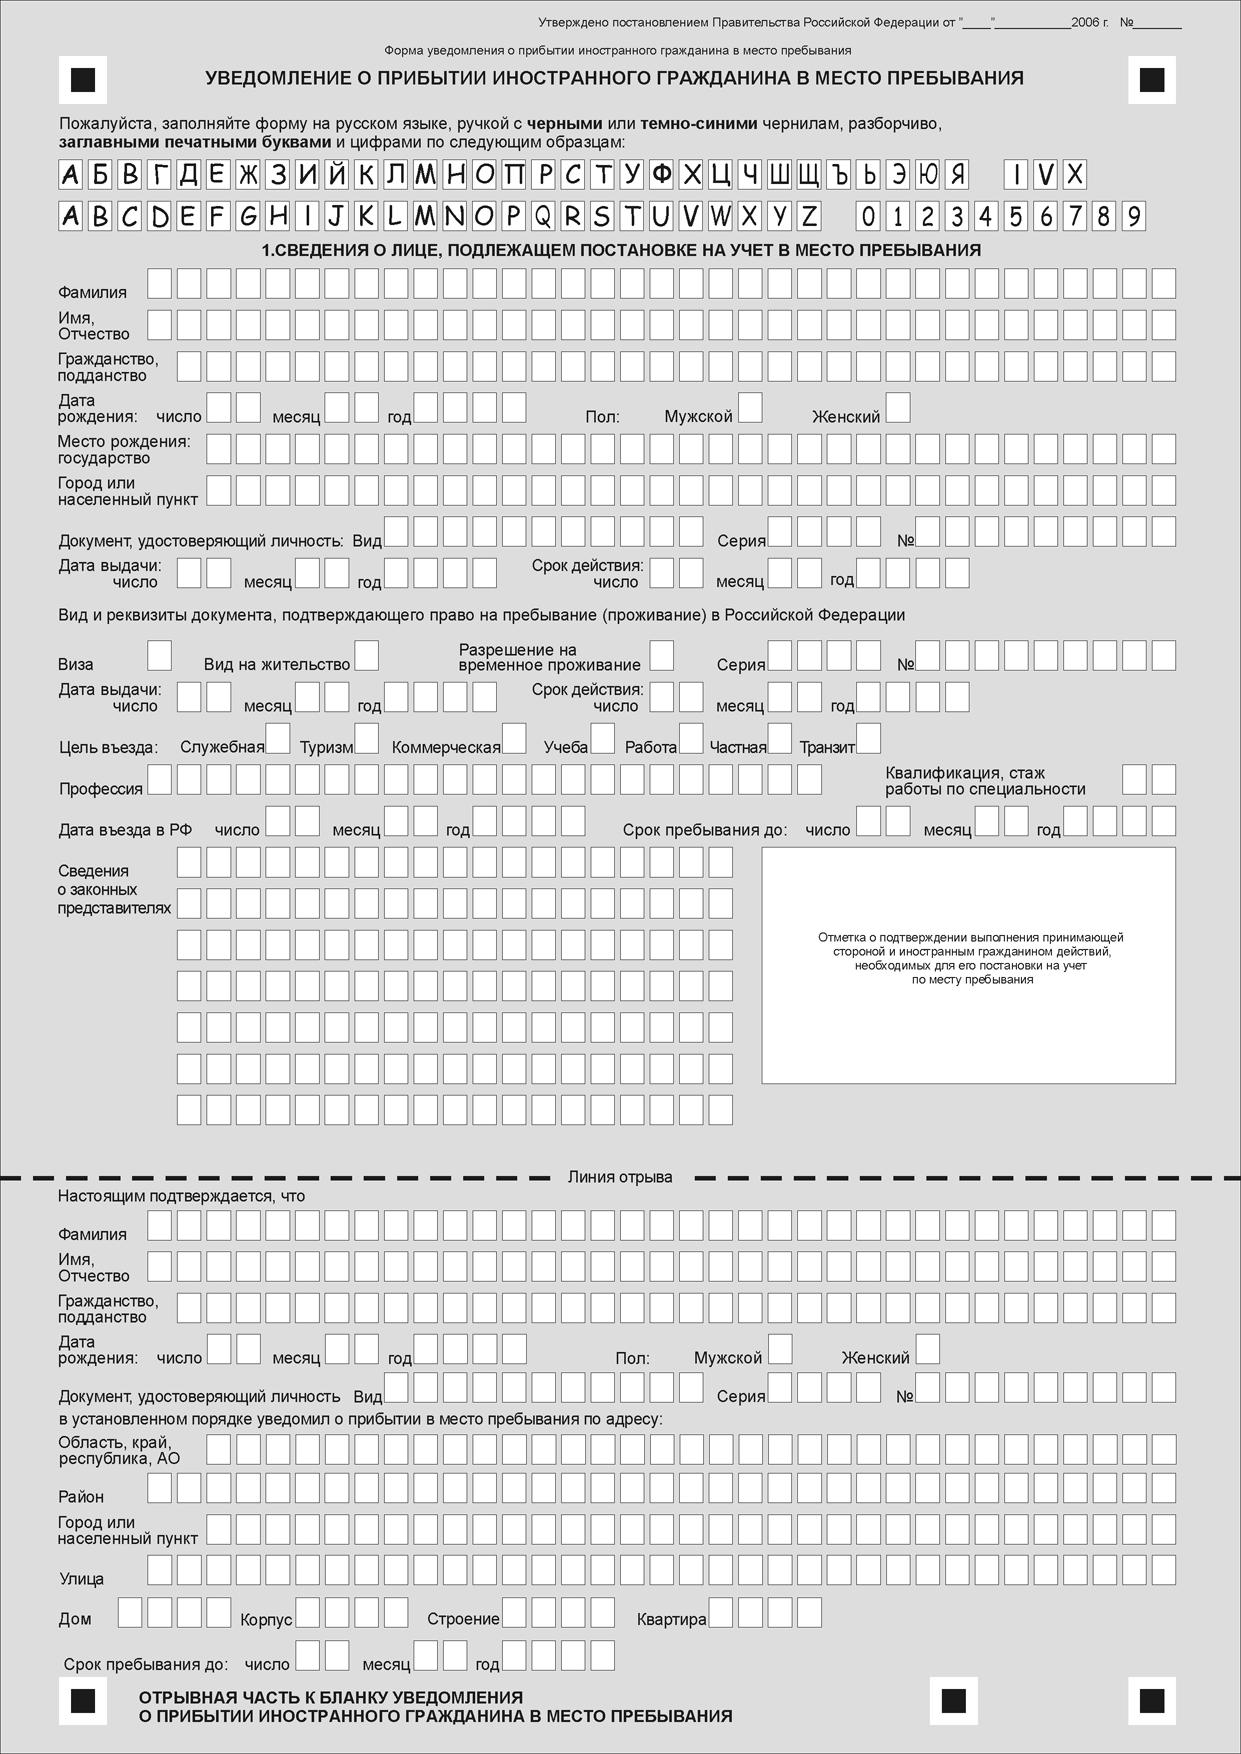 Регистрация иностранных граждан в 2014 году временная регистрация в бутово